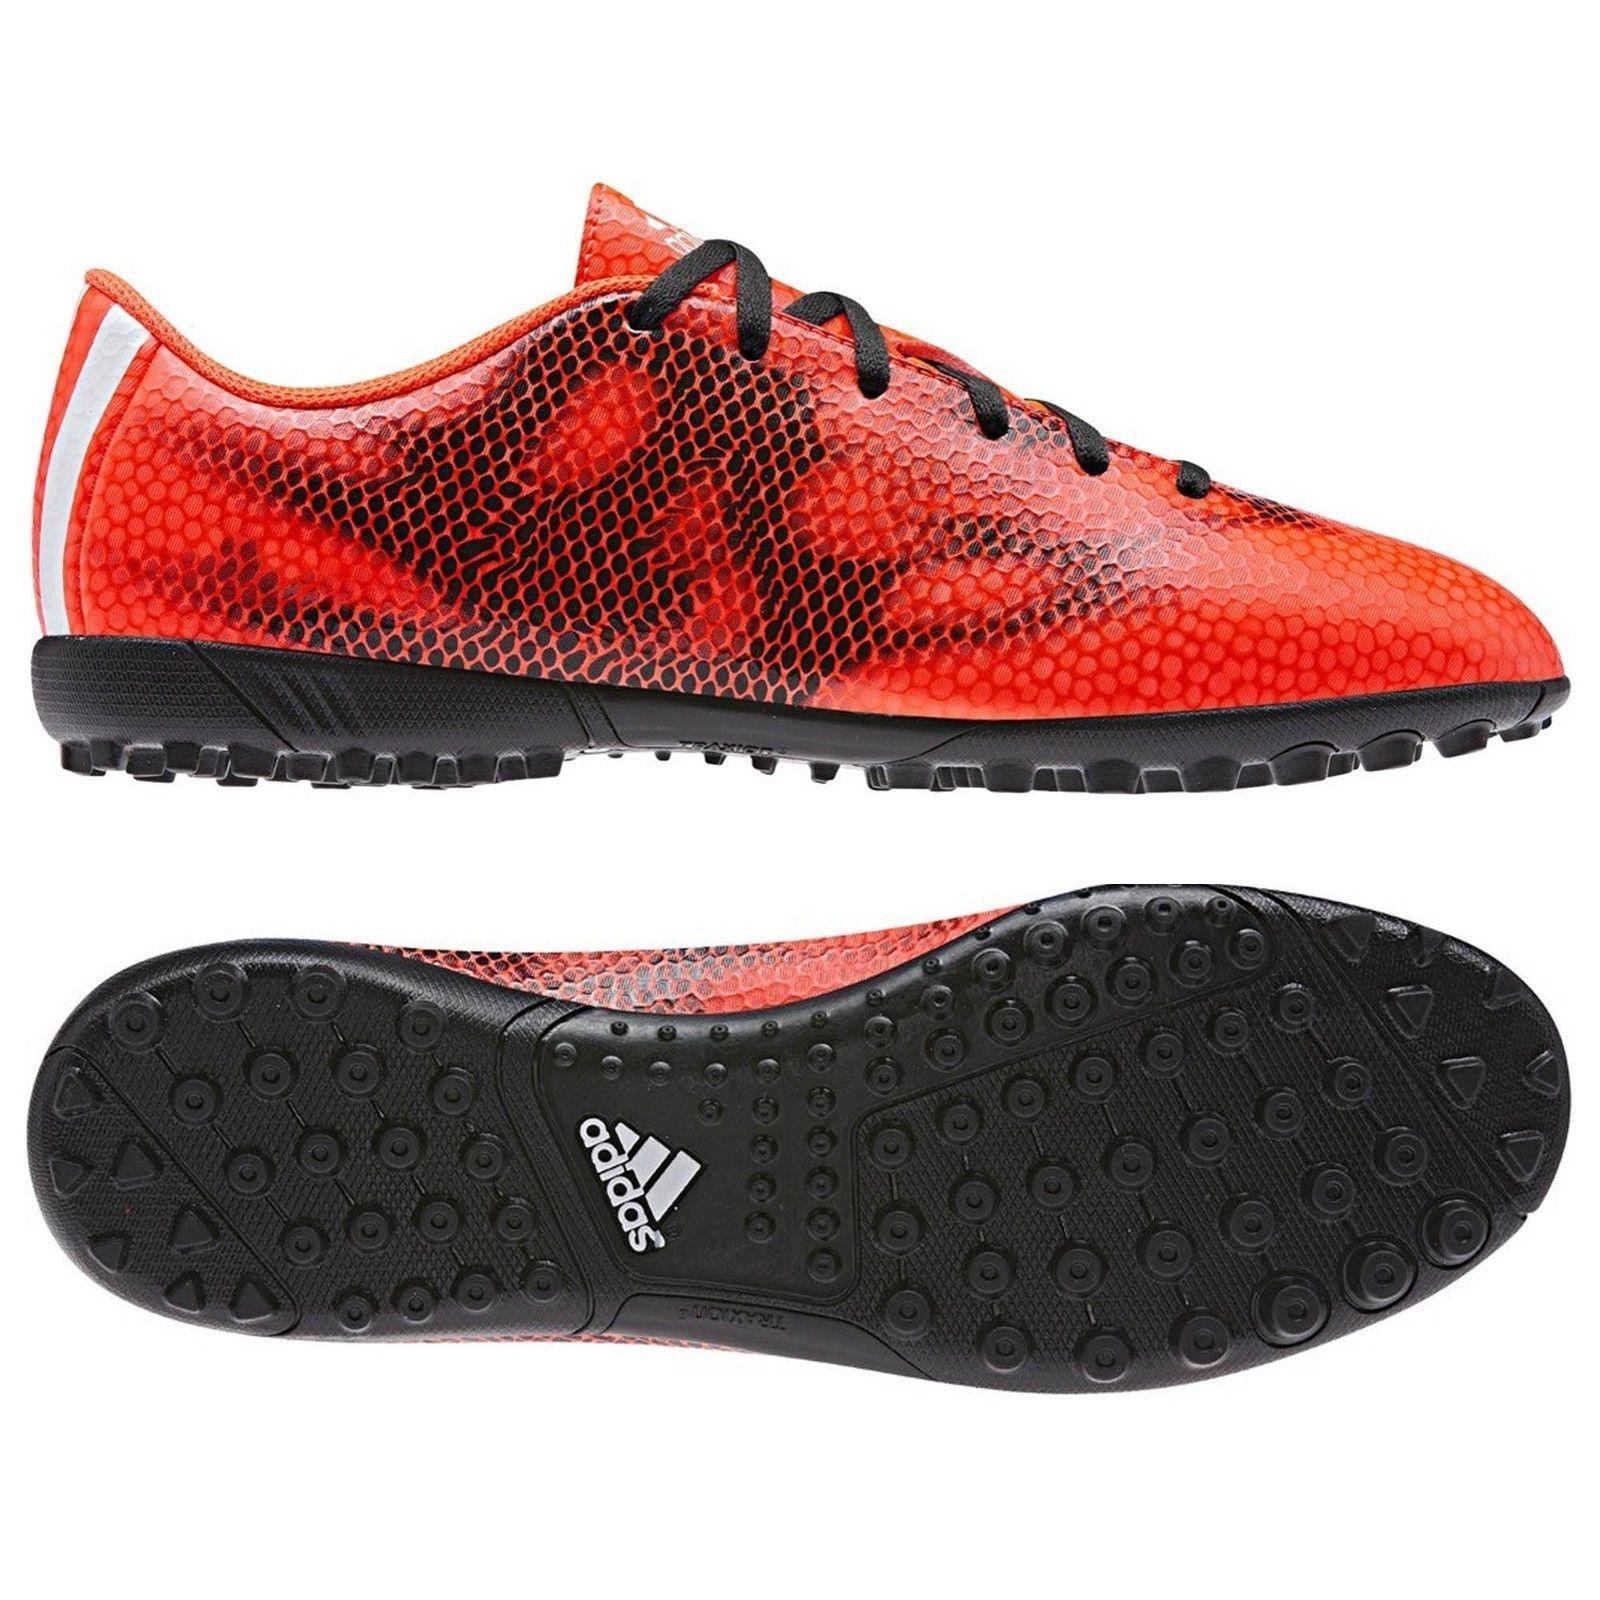 Adidas F5 Tf Herren Fussballschuhe Fussball Schuhe